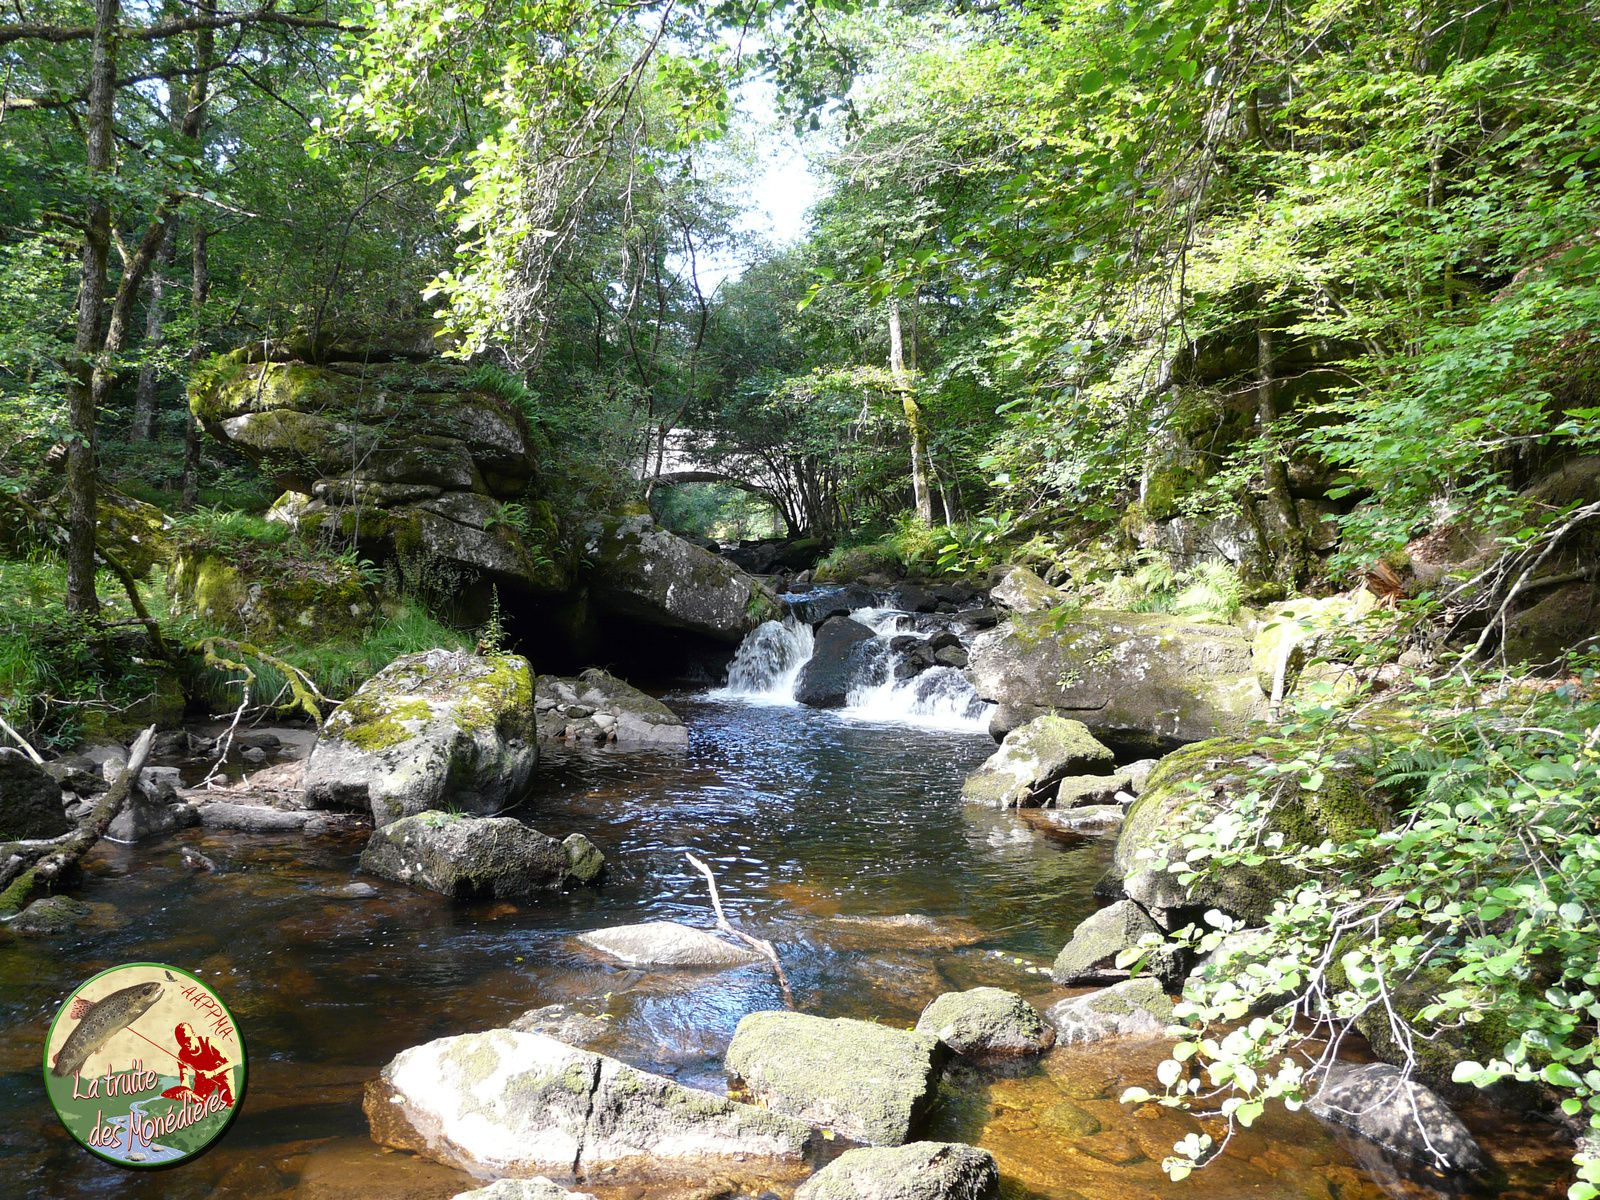 Que c'est beau ces ruisseaux corréziens...on s'croirait presque dans le Morvan!!!!.....Alors, Enjoy!!!!